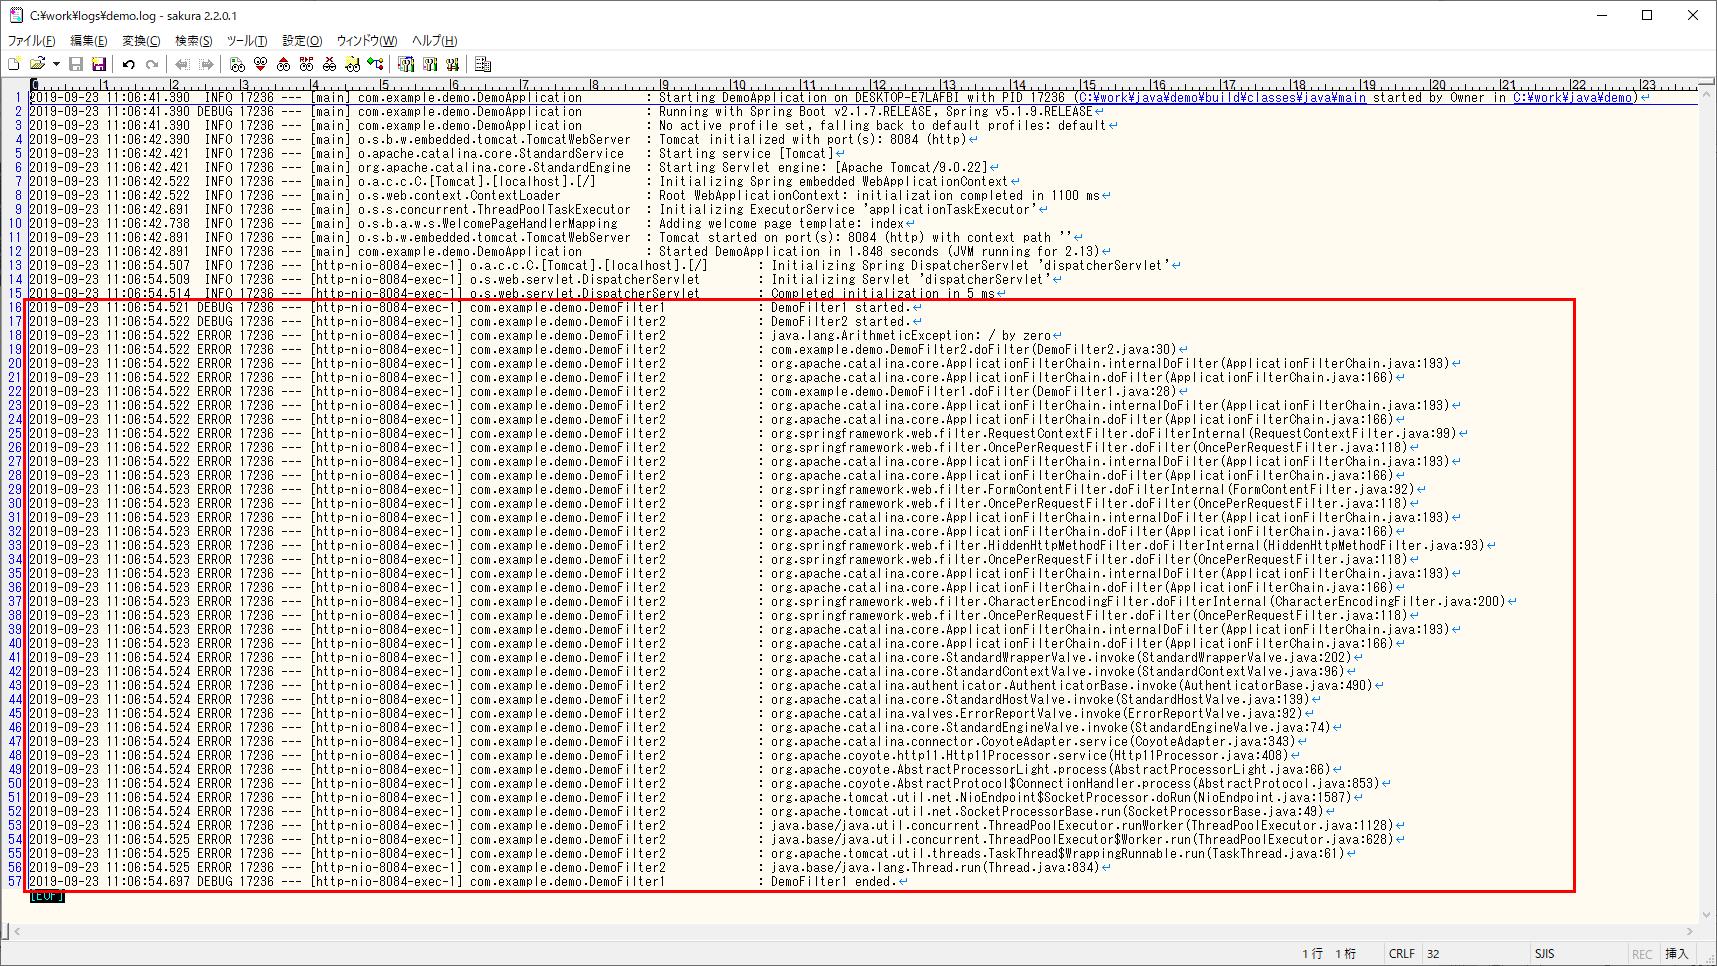 RequestDispatcherによるエラー処理プログラムのログ